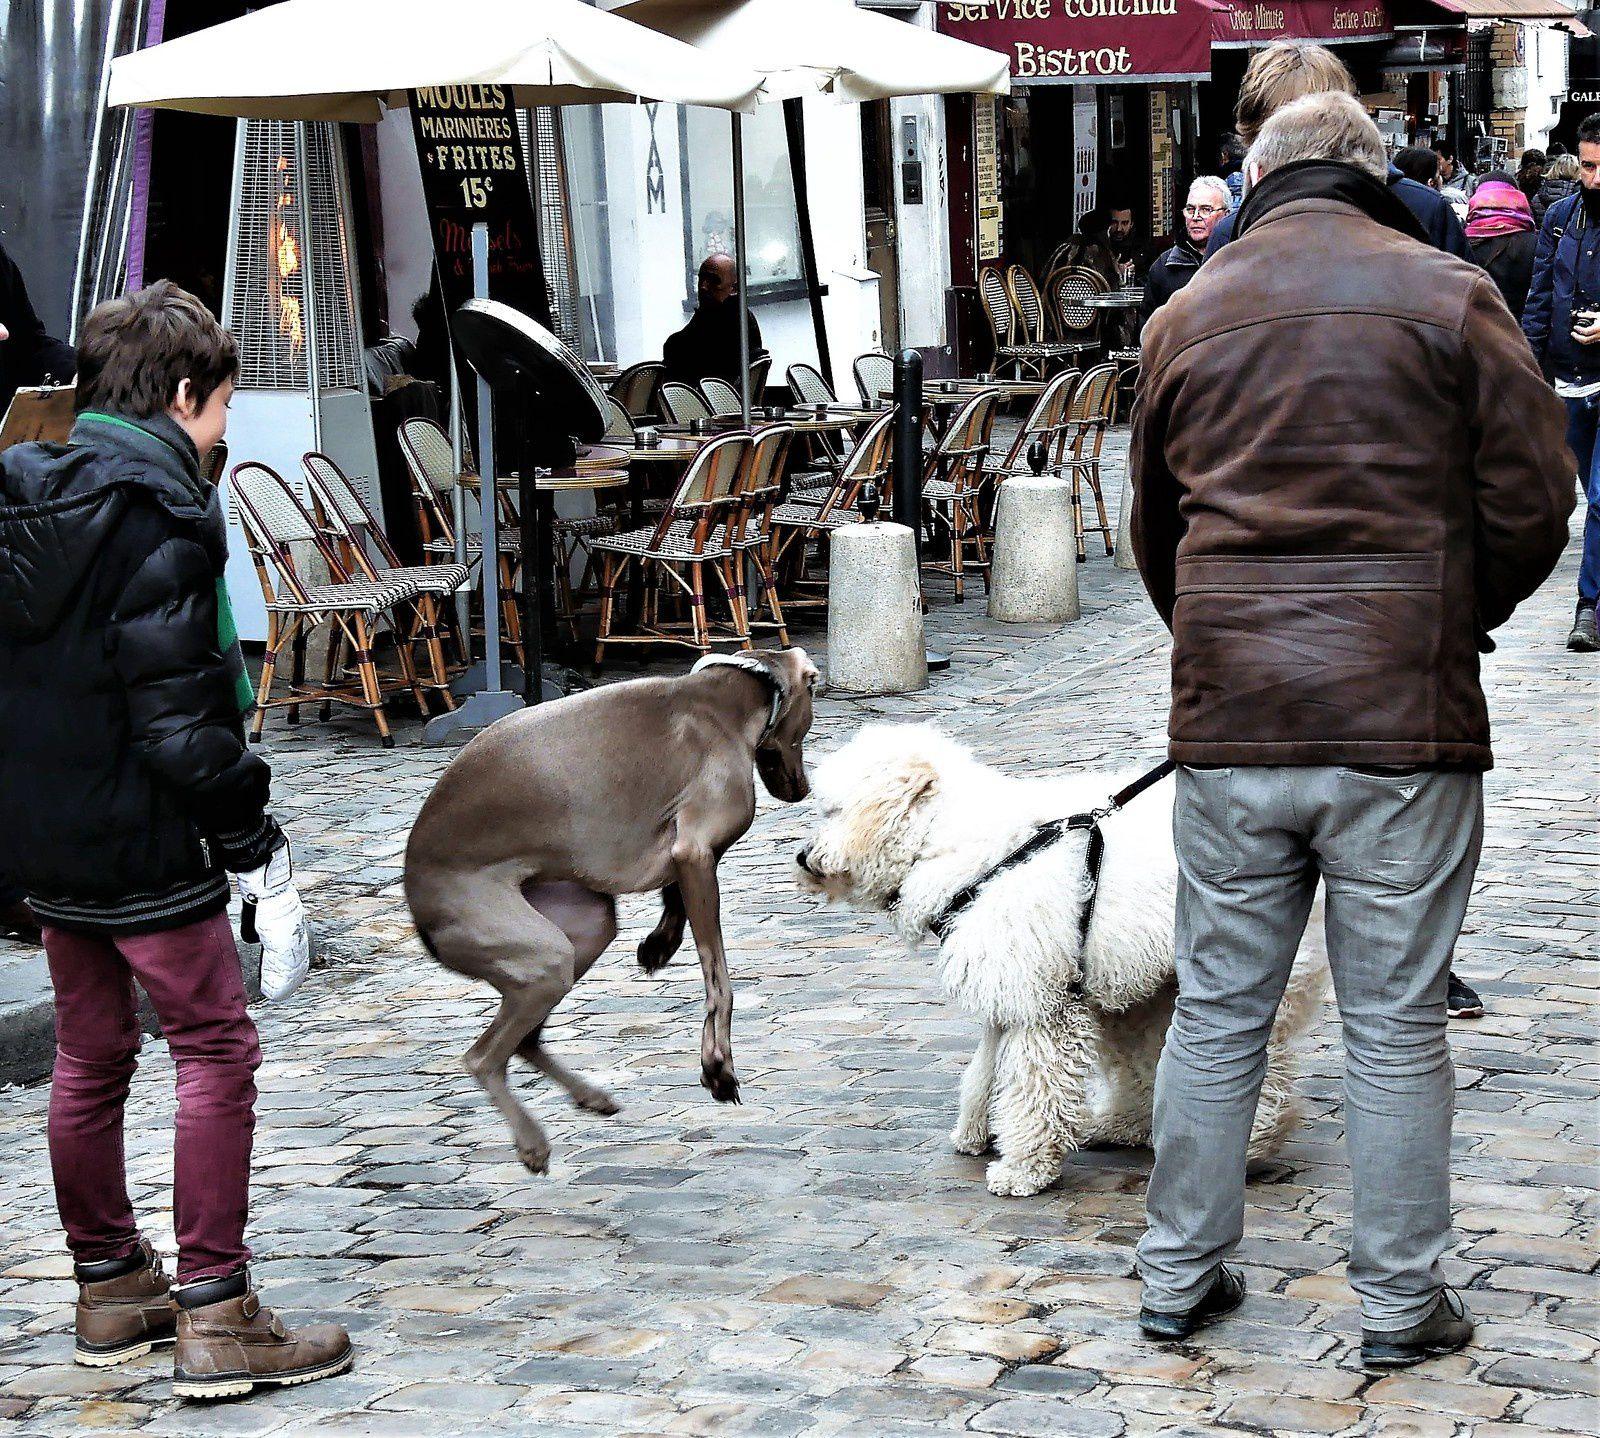 Février. Photos de Montmartre au jour le jour.